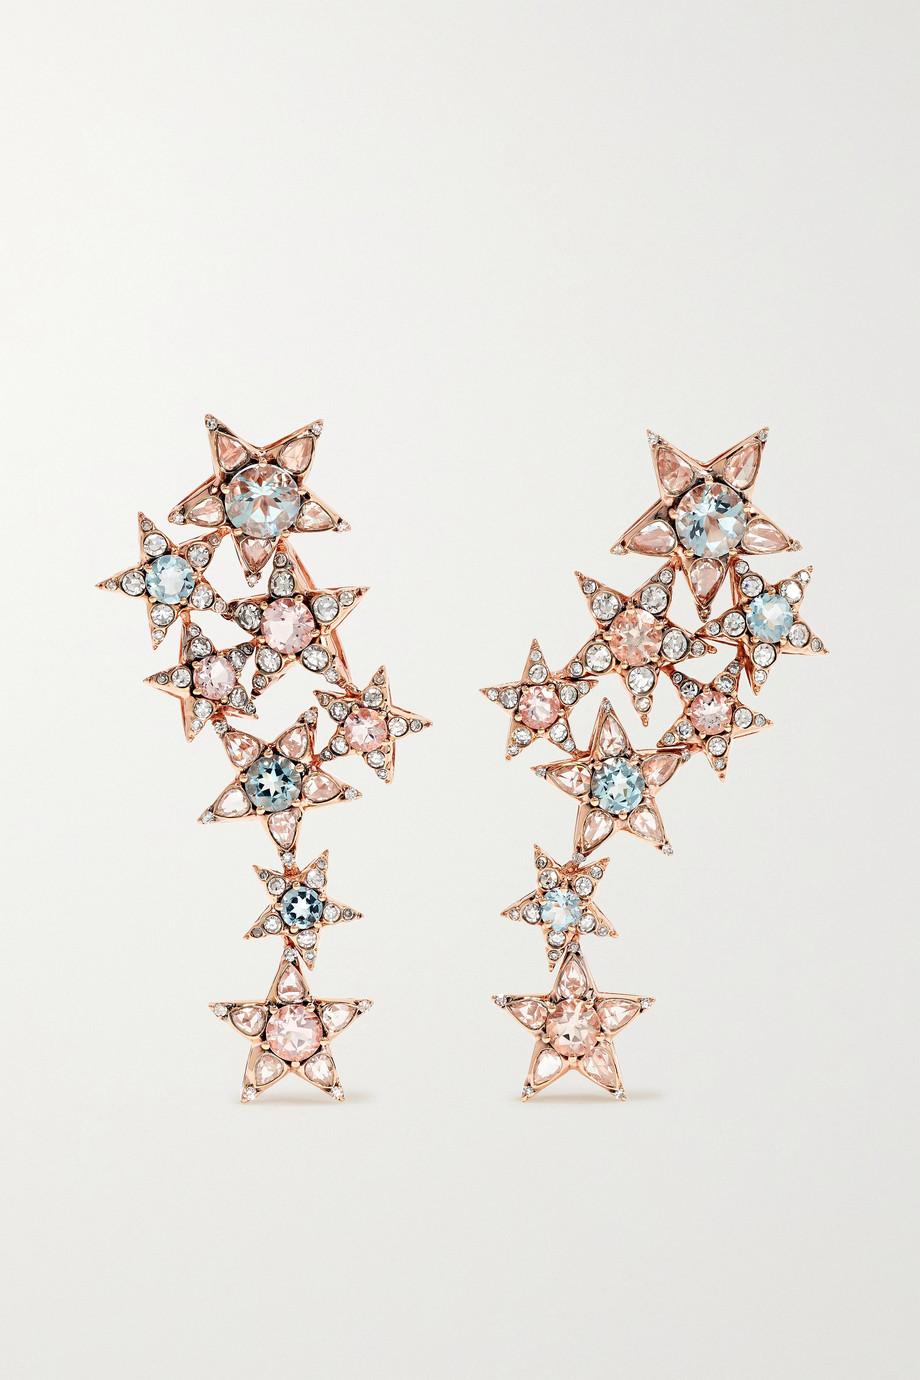 Selim Mouzannar Boucles d'oreilles en or rose 18 carats et pierres multiples Istanbul